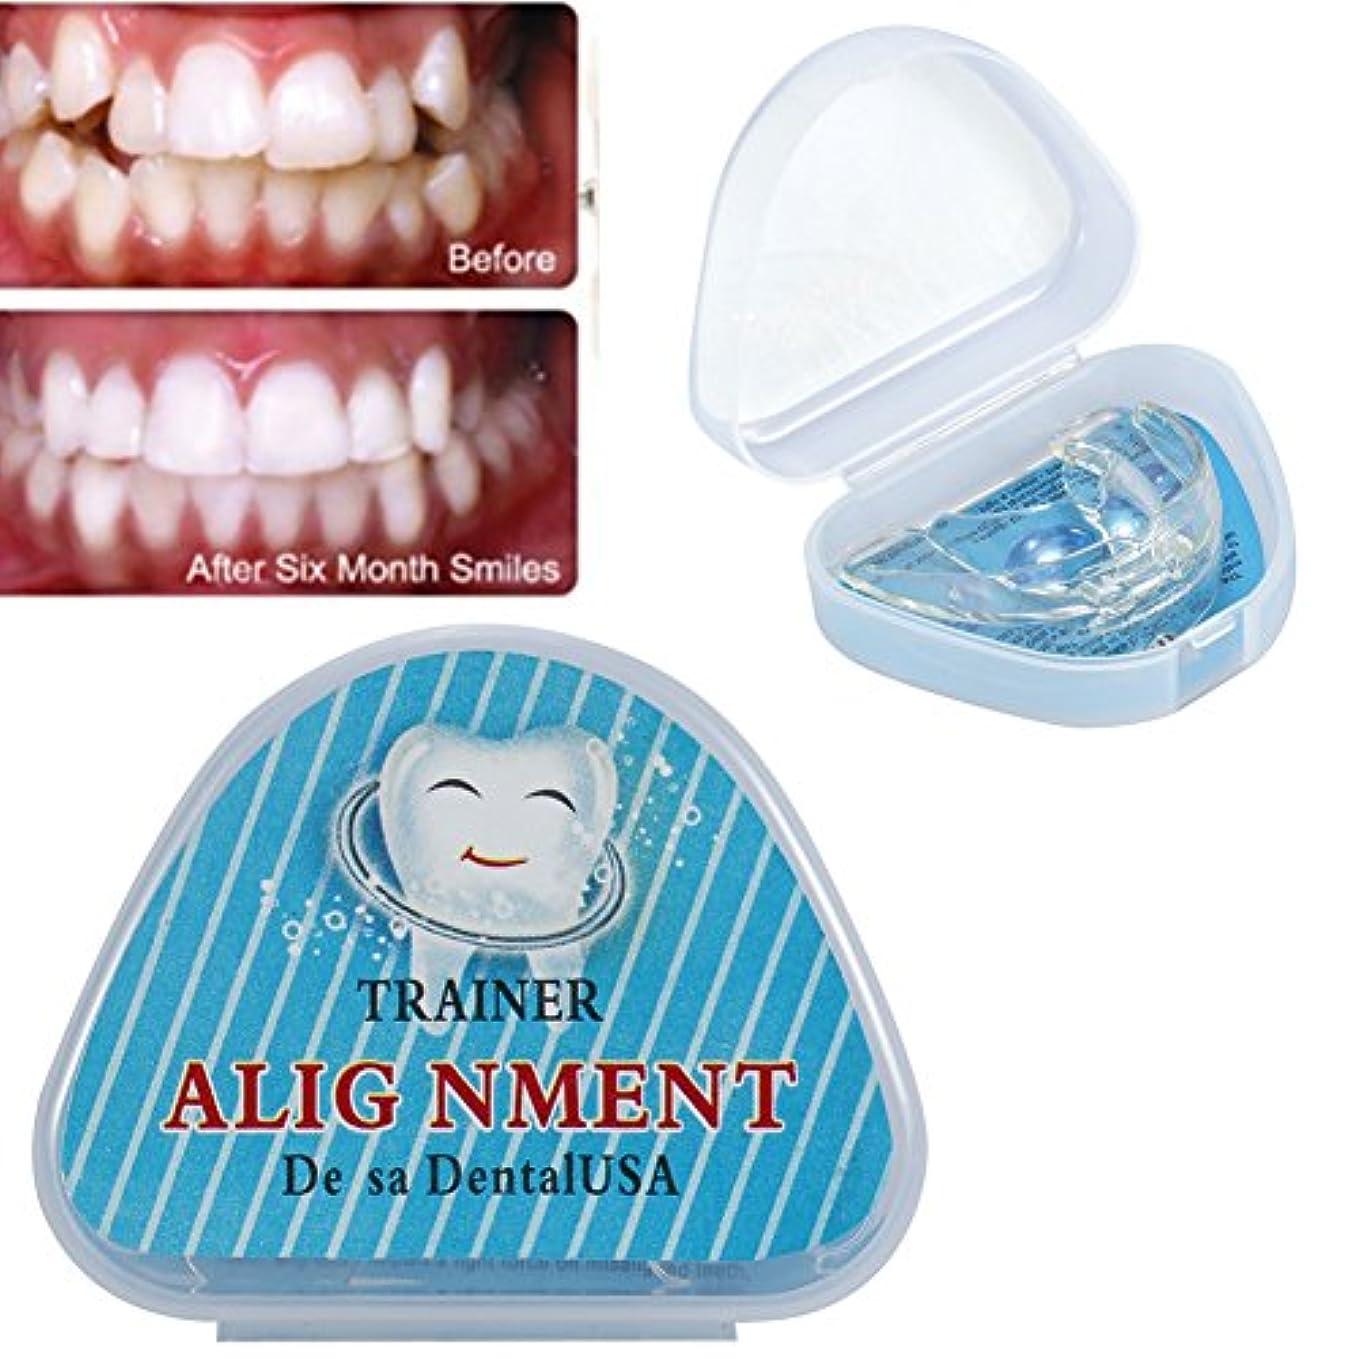 調整独占熟達したEboxer 歯 矯正 矯正器 デンタルマウスピース 矯正用リテーナー マウスピース 噛み合わせ 歯ぎしり いびき防止 予防 歯並び 矯正